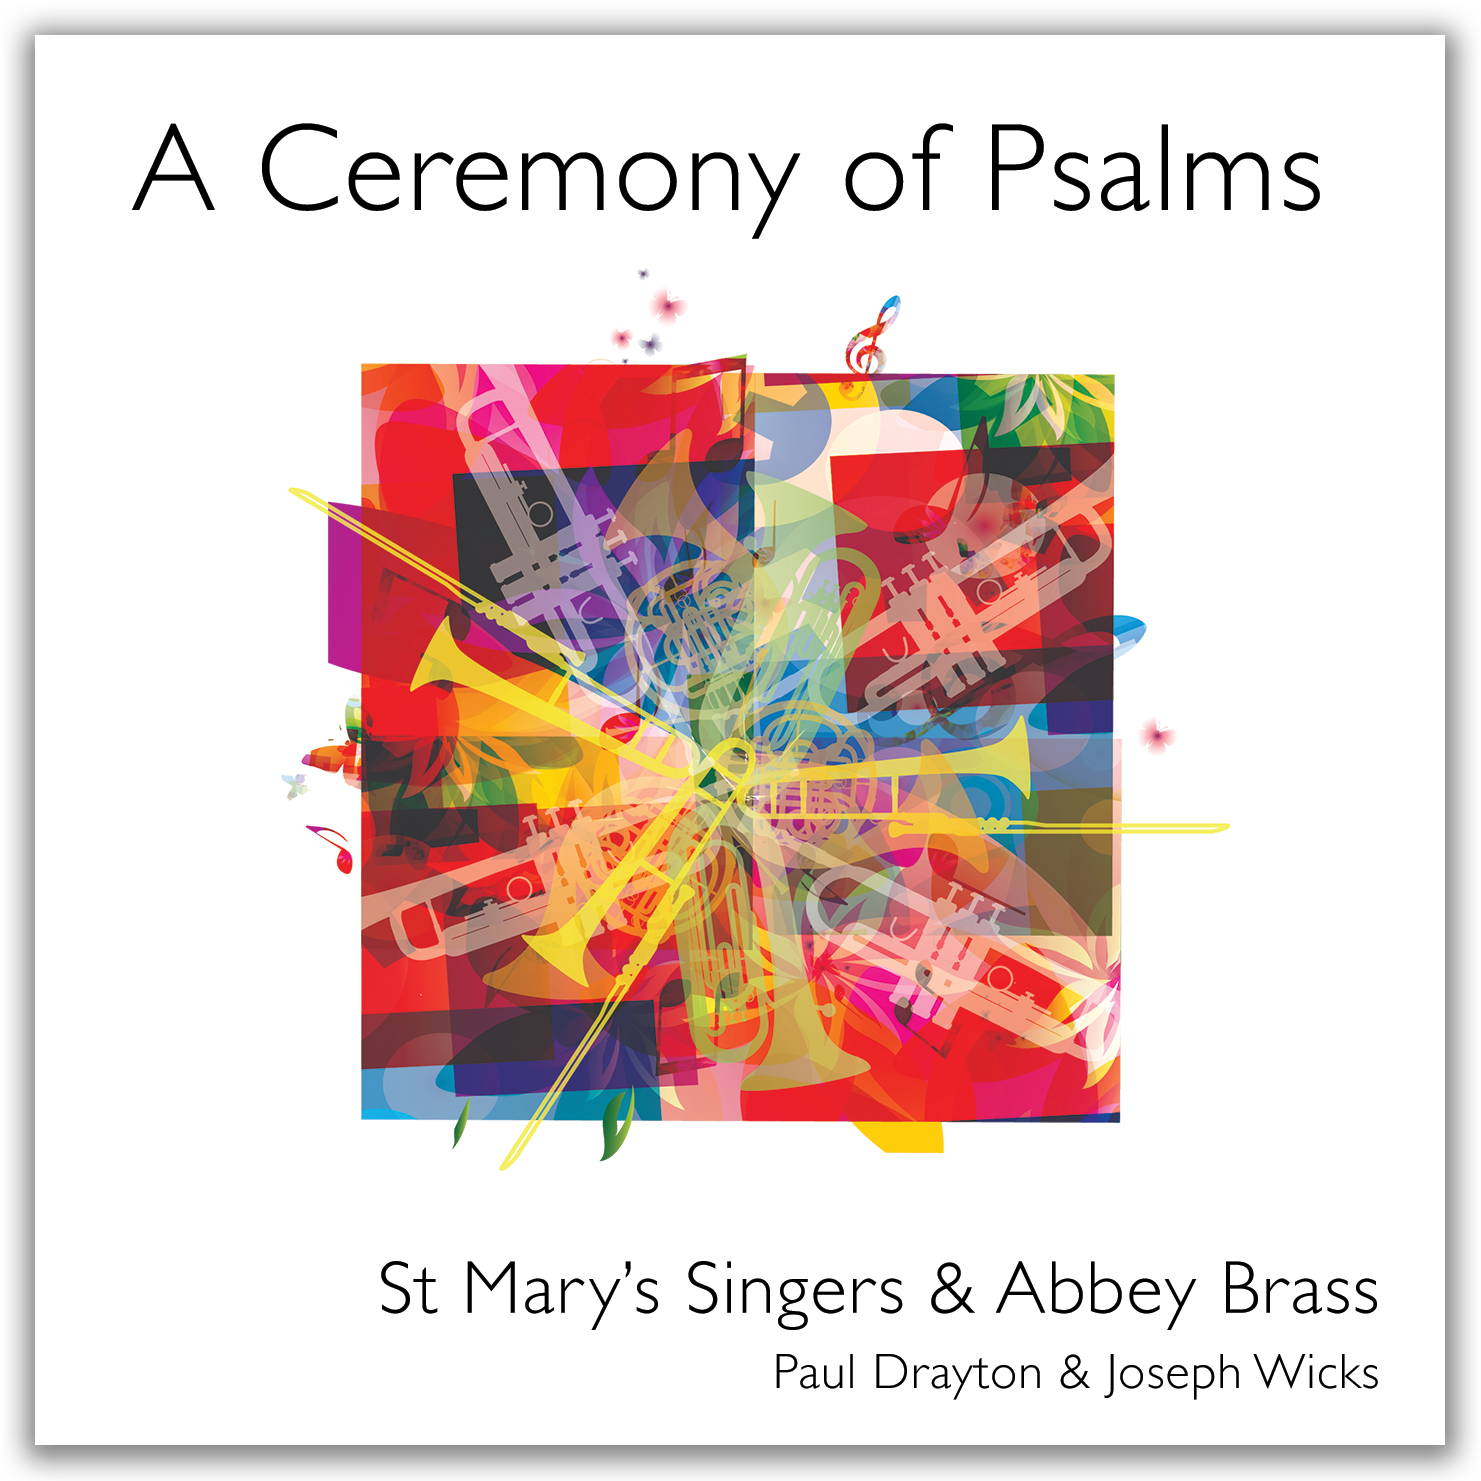 A Ceremony of Psalms [CD]